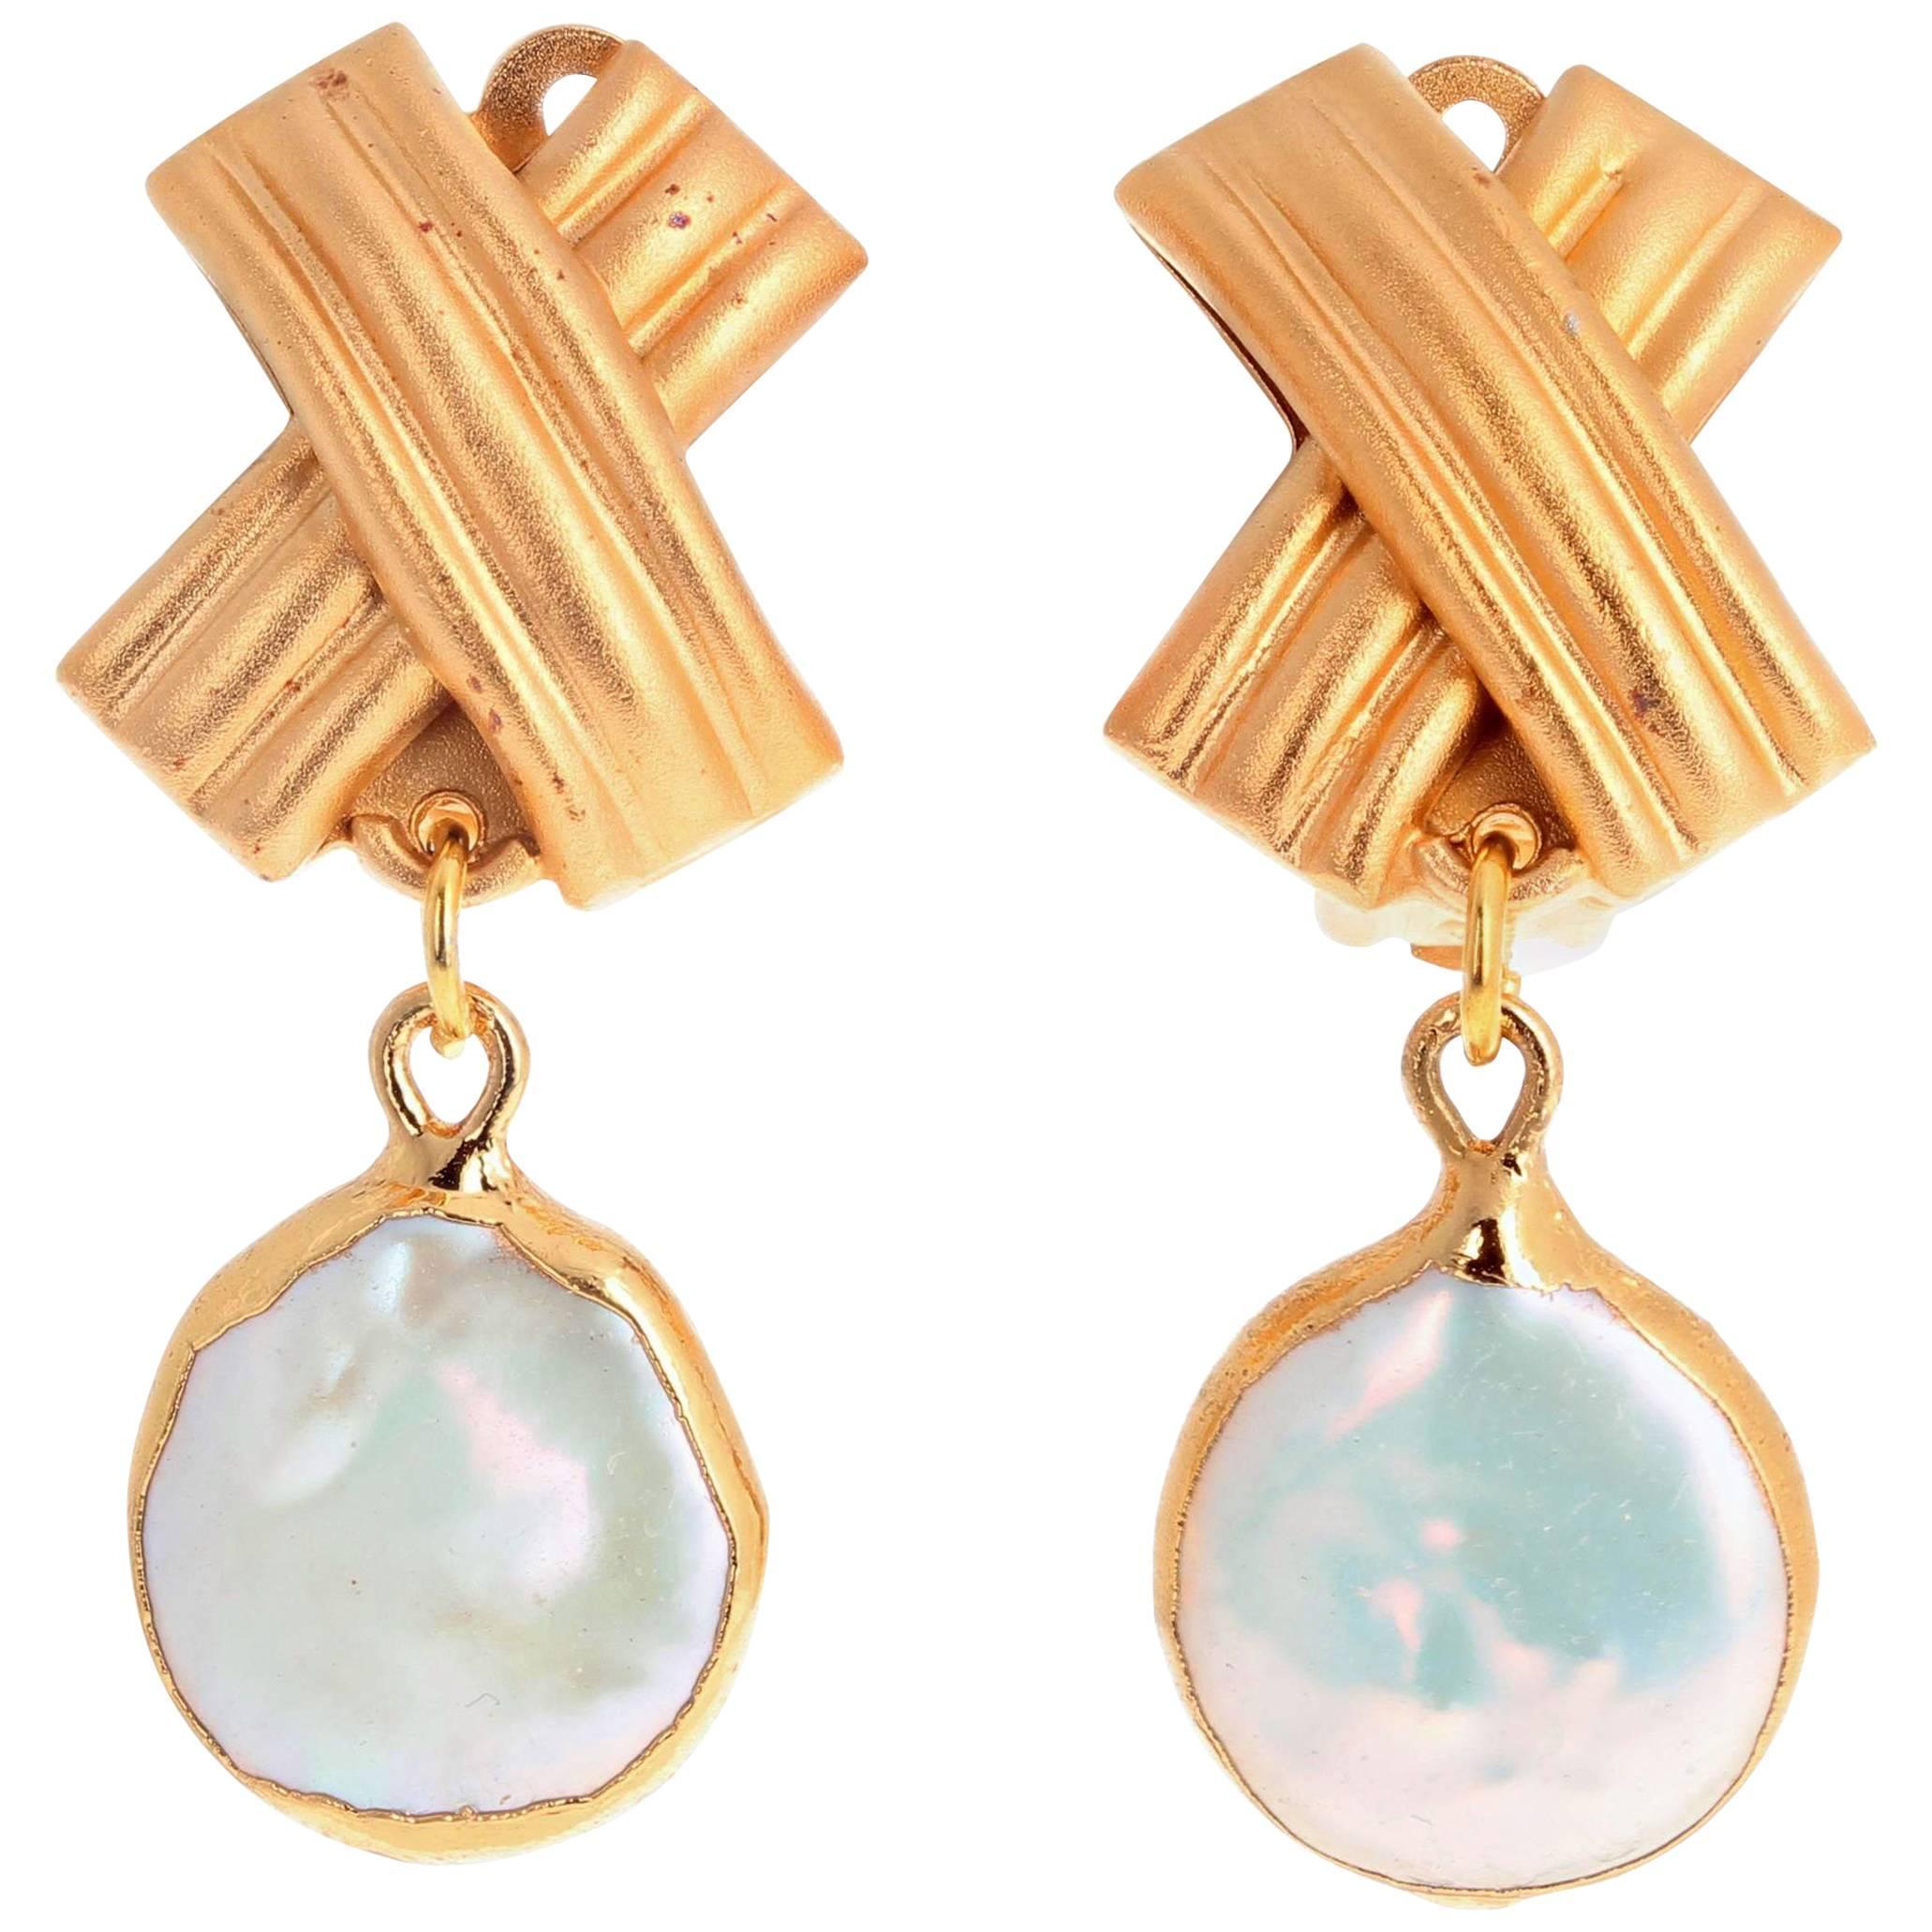 Fashion Jewelry Clip-on Earrings